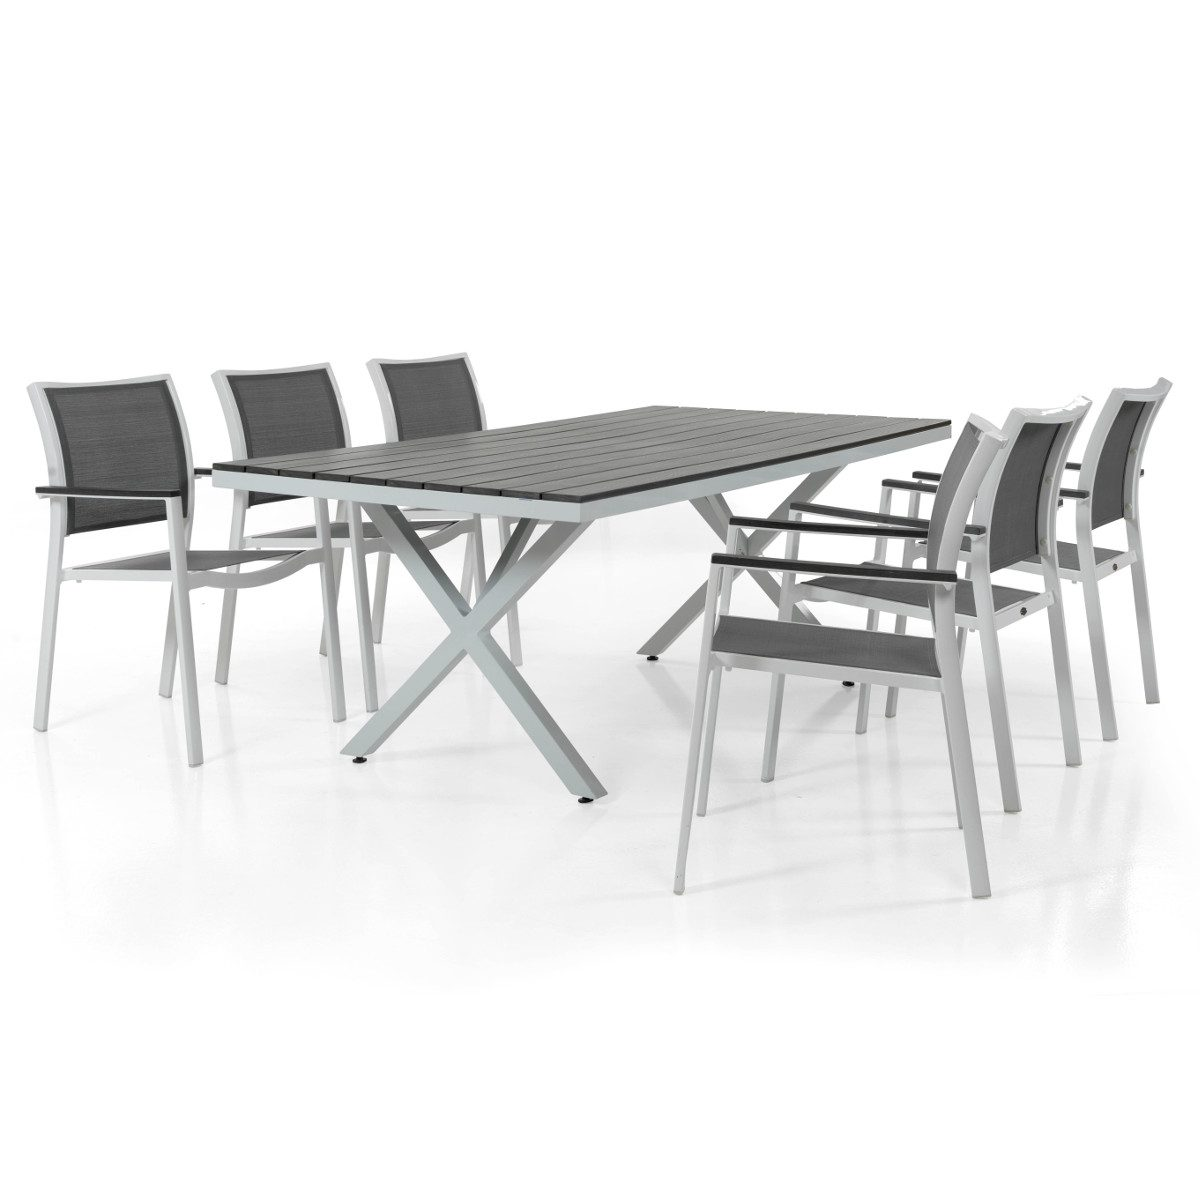 Scilla stapelstol tillsammans med Leone matbord i vitlackad aluminium med grå nonwood skiva.